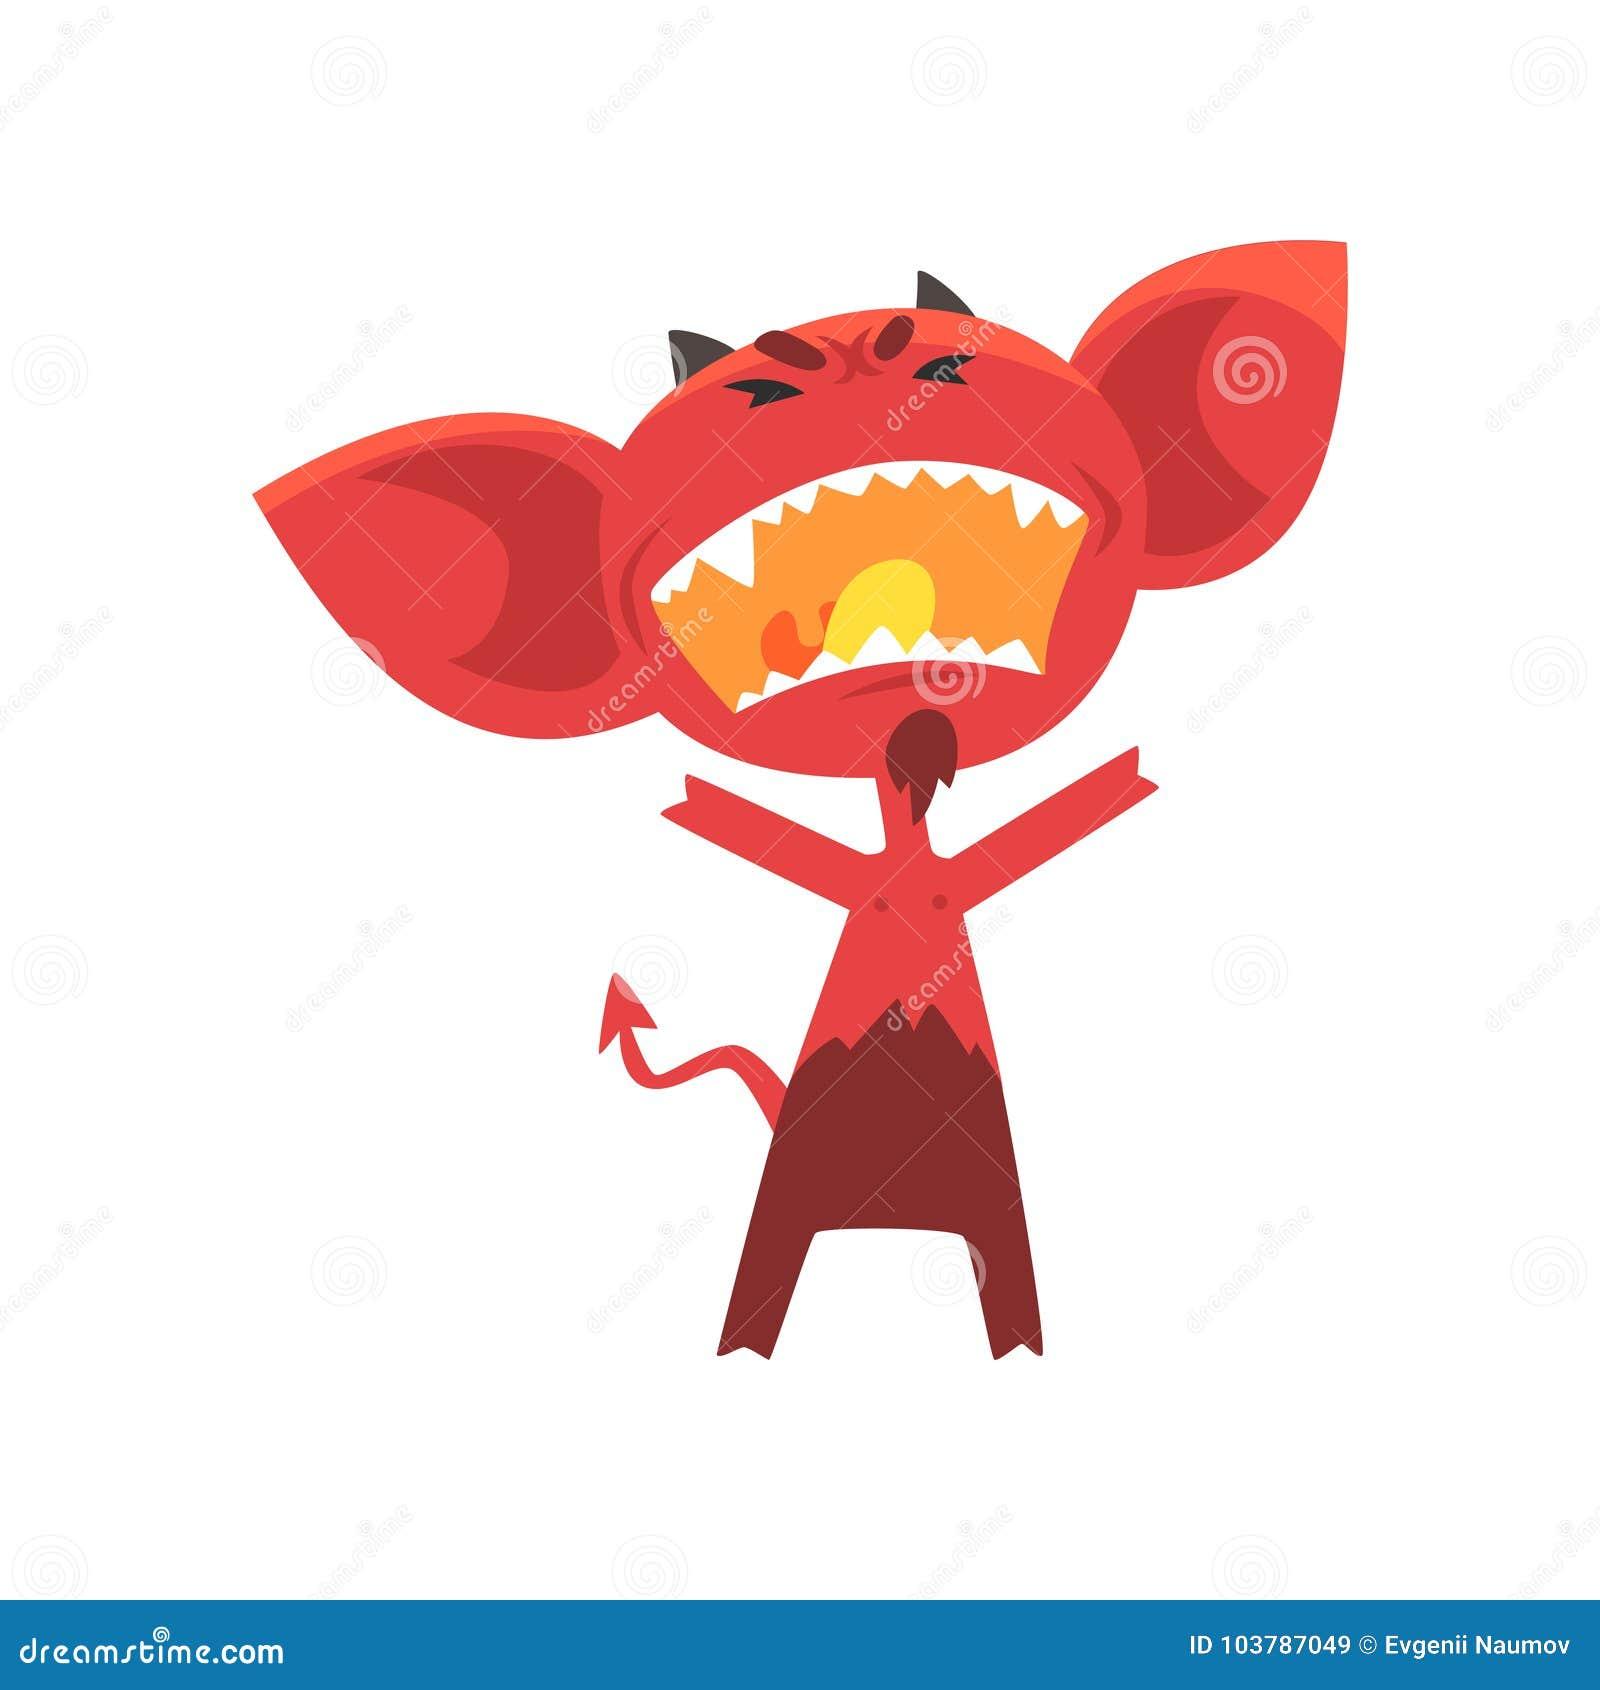 Εξαγριωμένος κόκκινος διάβολος με τα κέρατα, τα μεγάλες αυτιά και την ουρά Πλασματικός χαρακτήρας από την κόλαση στο επίπεδο ύφος